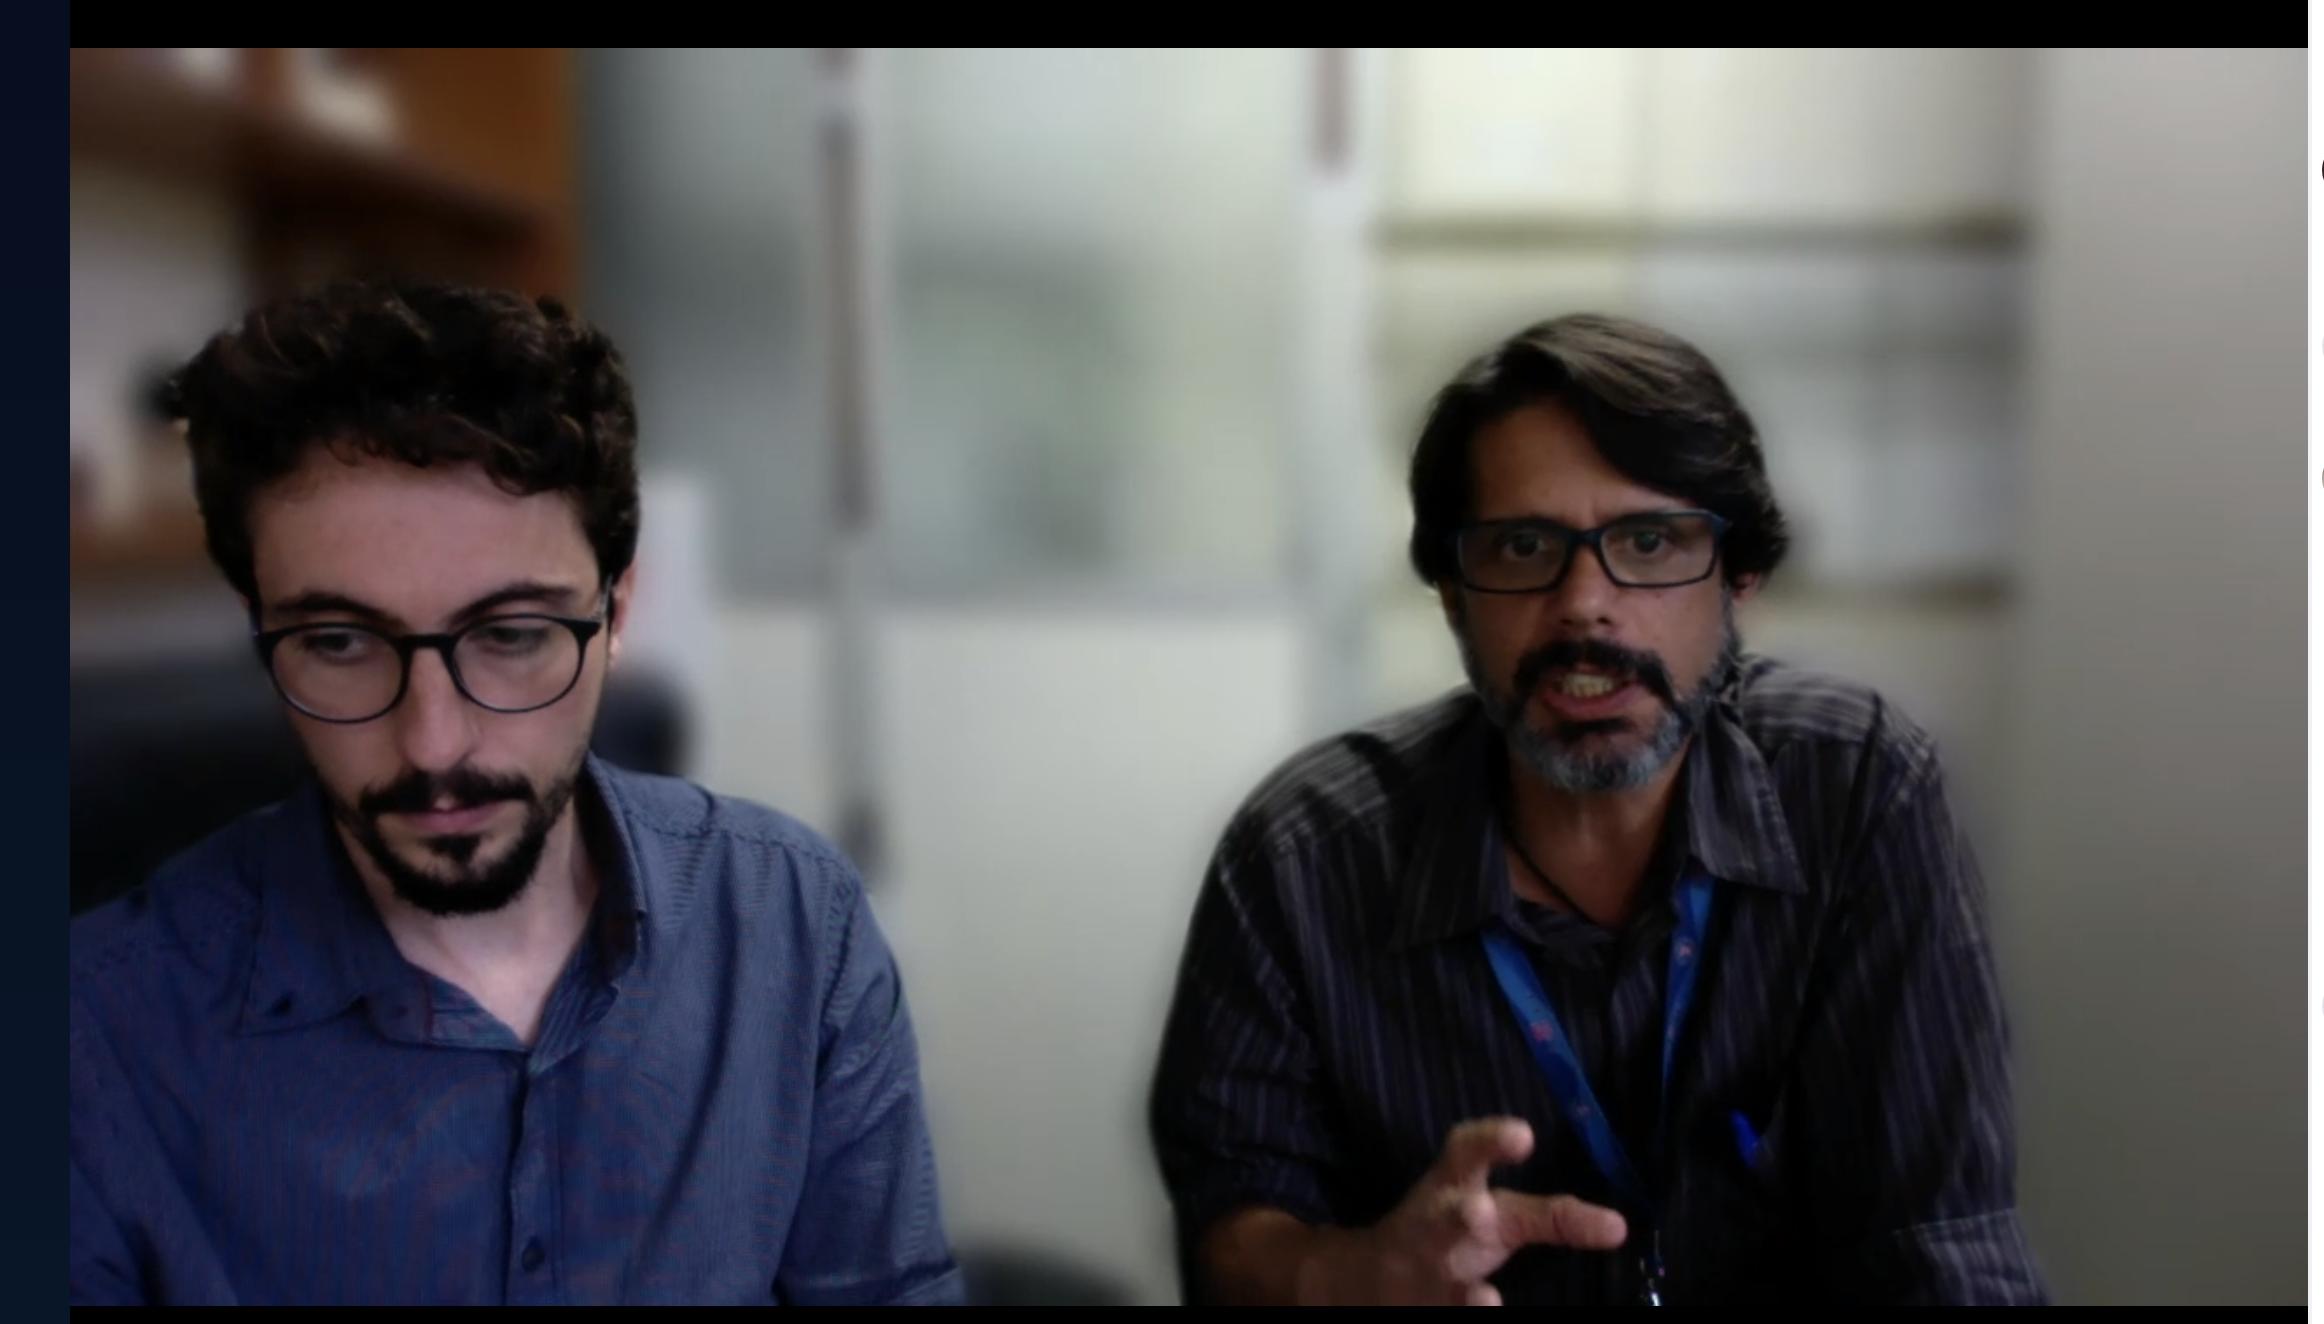 Flávio Fonseca (à direita) durante a reunião que foi realizada por videoconferência para evitar aglomerações de pessoas em mesmo ambiente físico, uma das recomendações para minimizar a disseminação do coronavírus